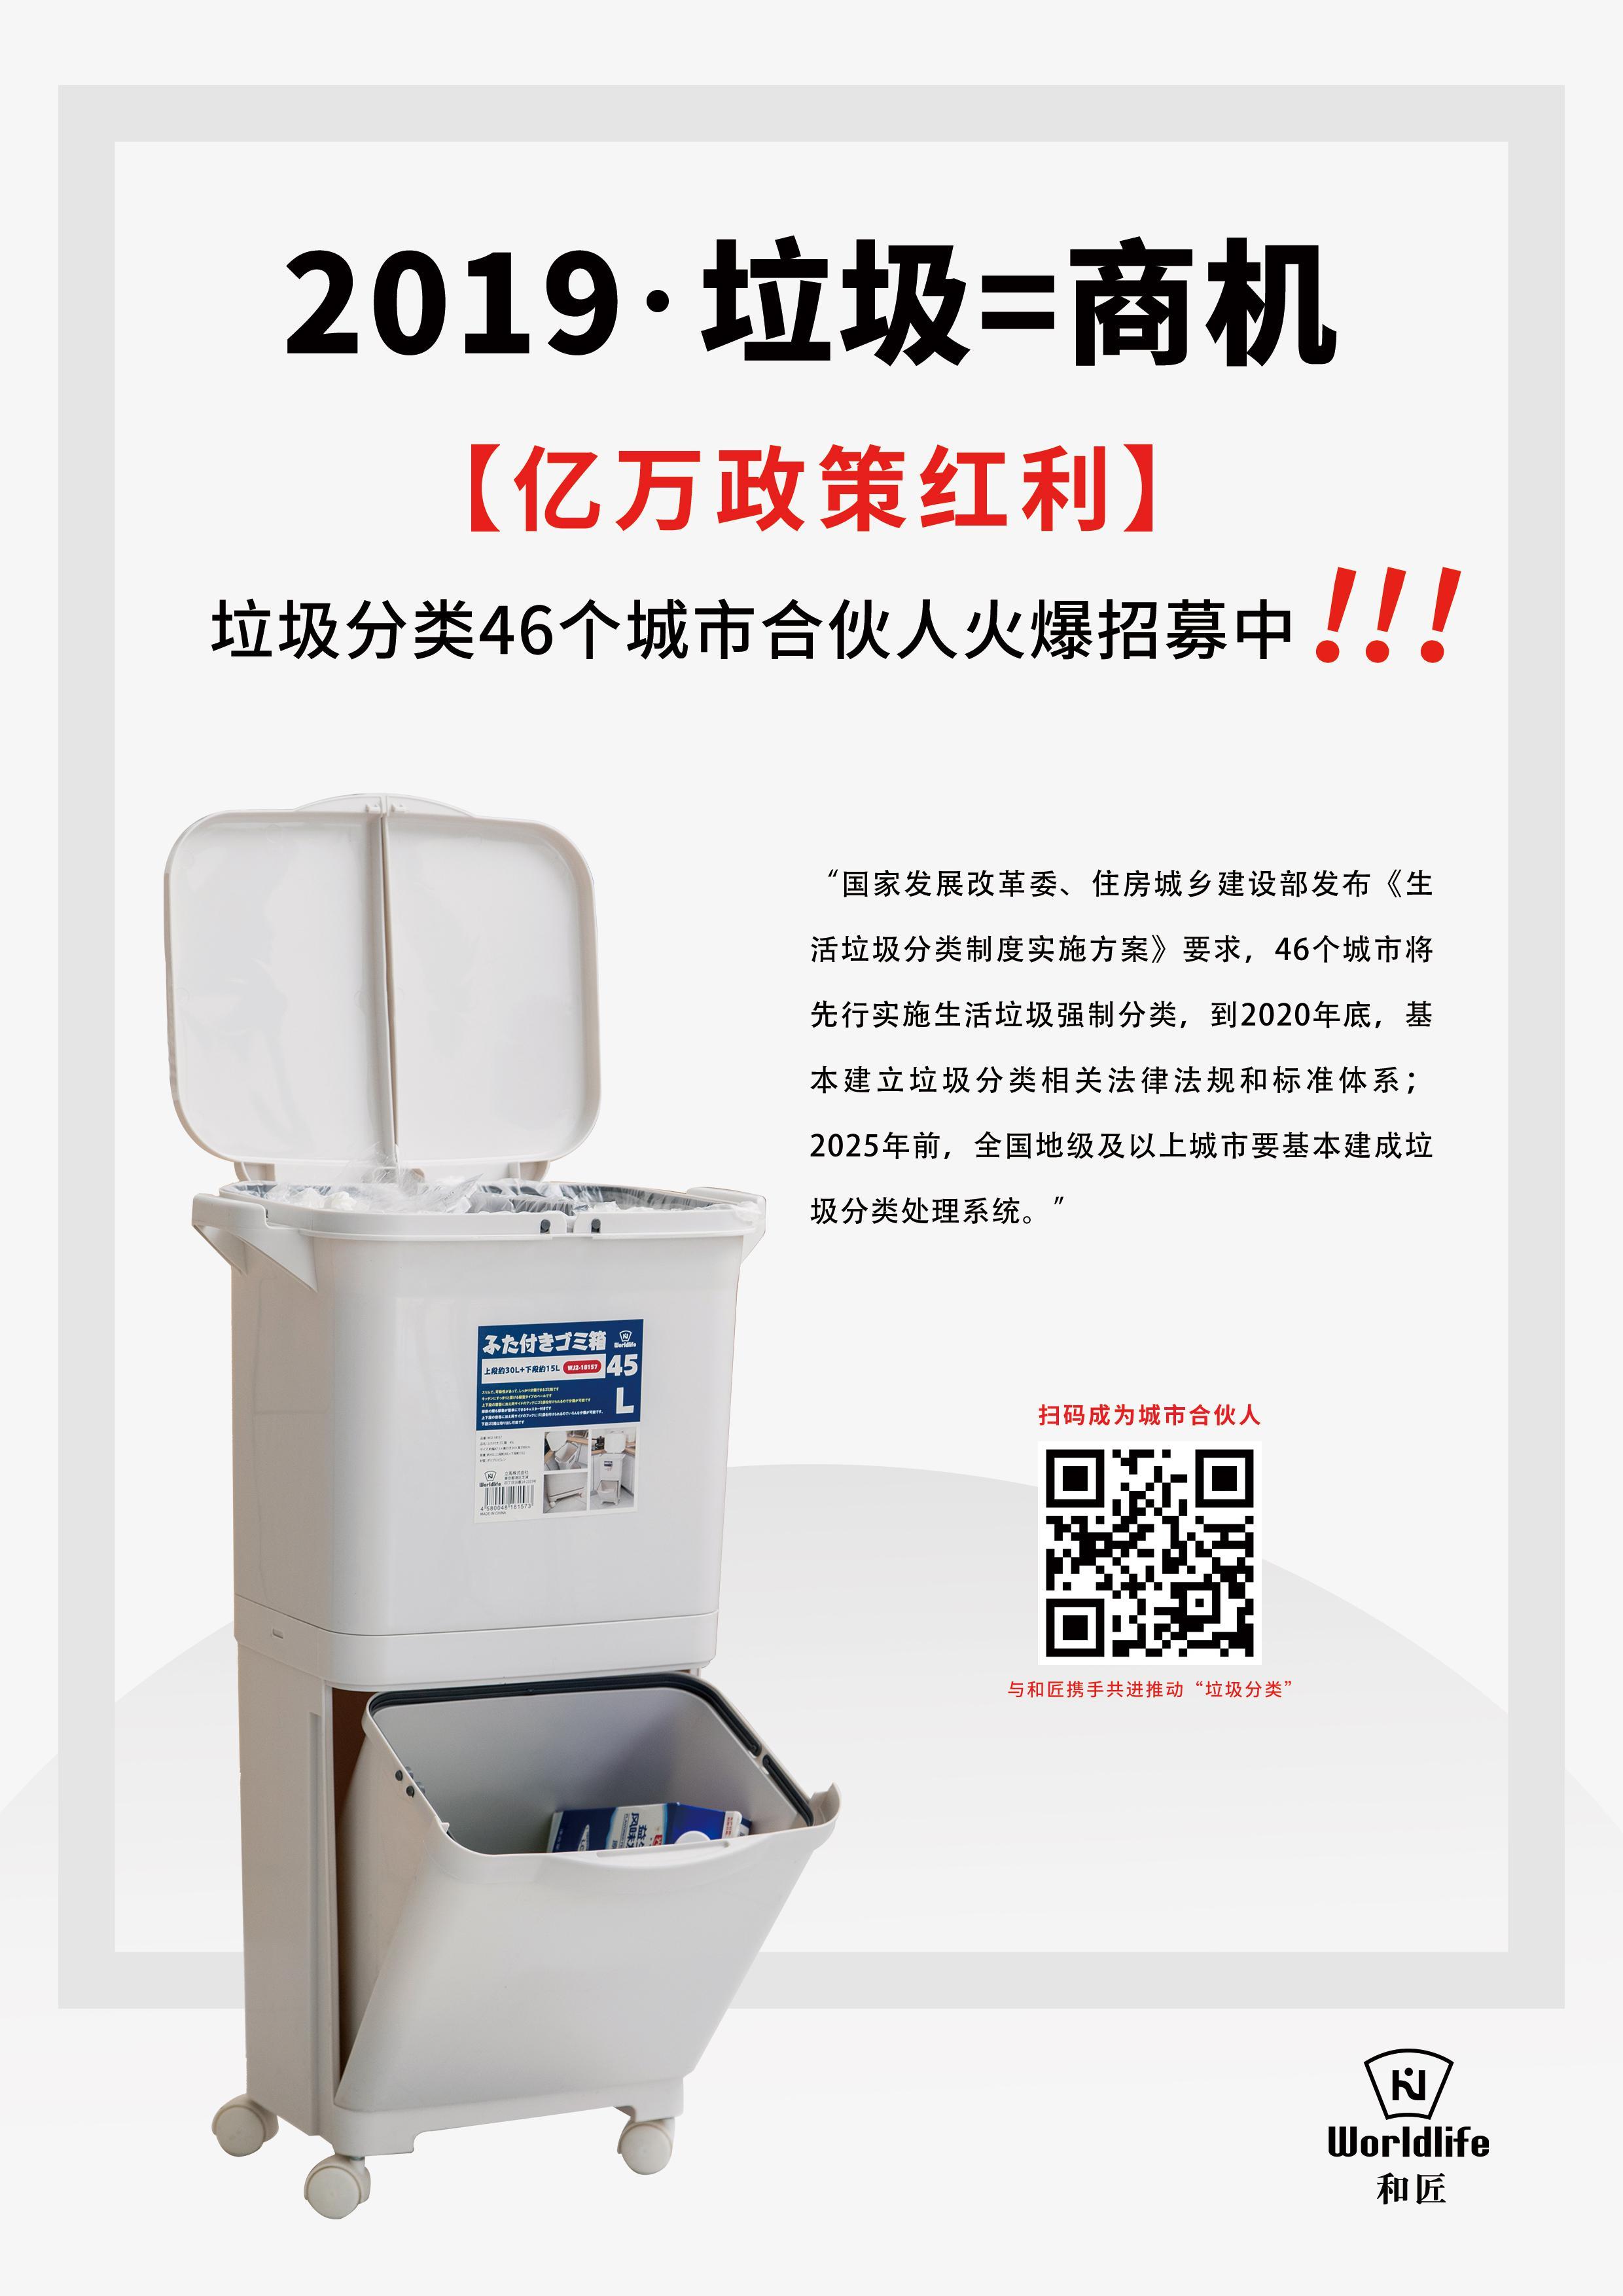 垃圾分类政策红利来袭,和匠Wordlife分类垃圾桶项目城市合伙人全国招募启动